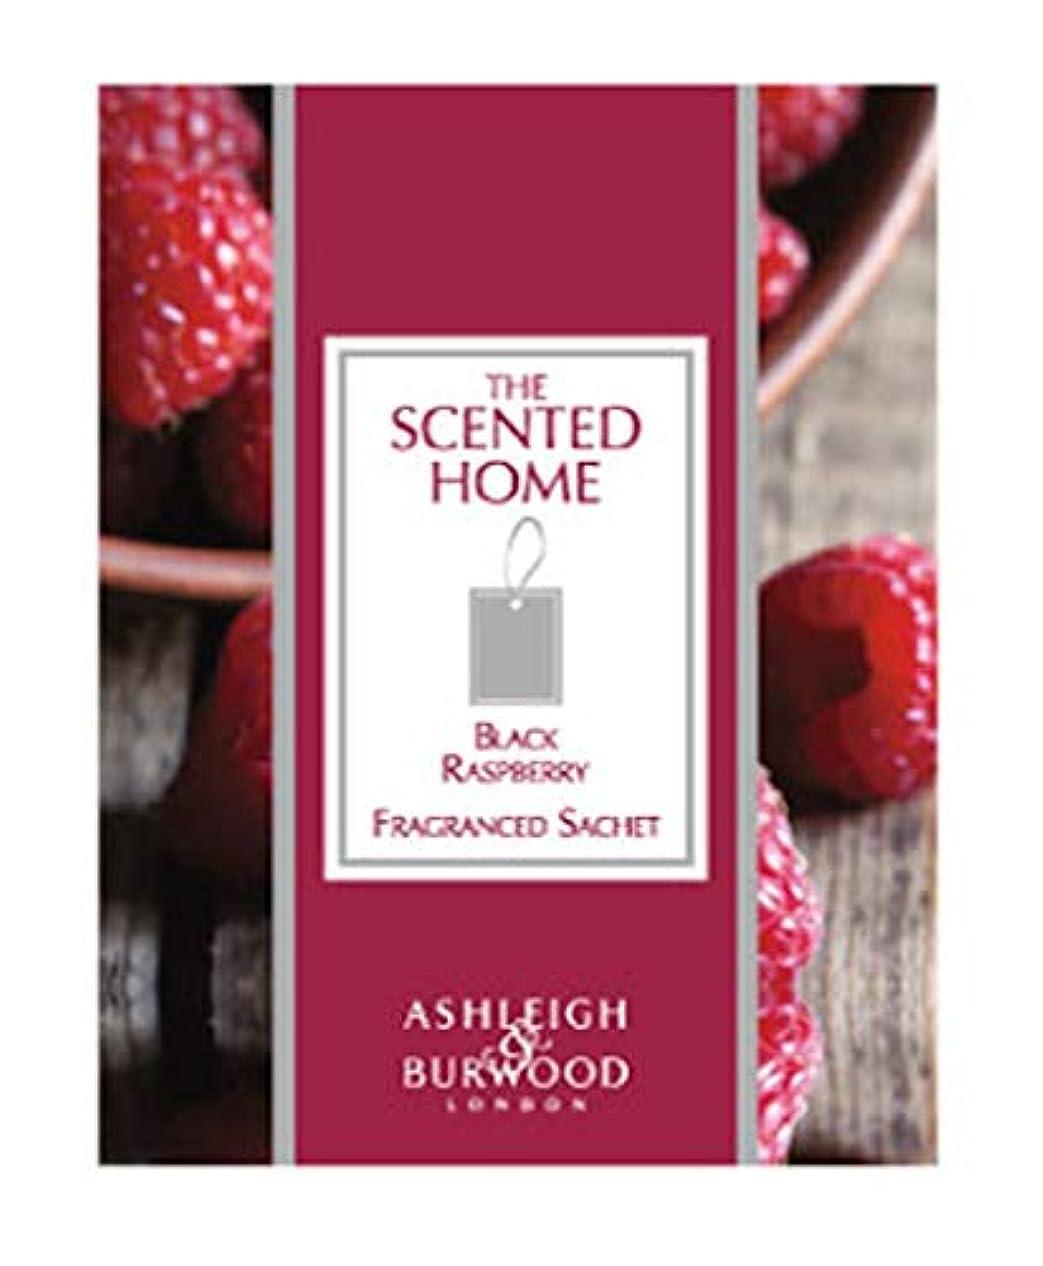 子供時代パキスタン夜明けアシュレイ&バーウッド(Ashleigh&Burwood) Ashleigh&Burwood サシェ ブラックラズベリー Sachet Black BlackRasberry アシュレイ&バーウッド 105㎜×80㎜×5mm/3個